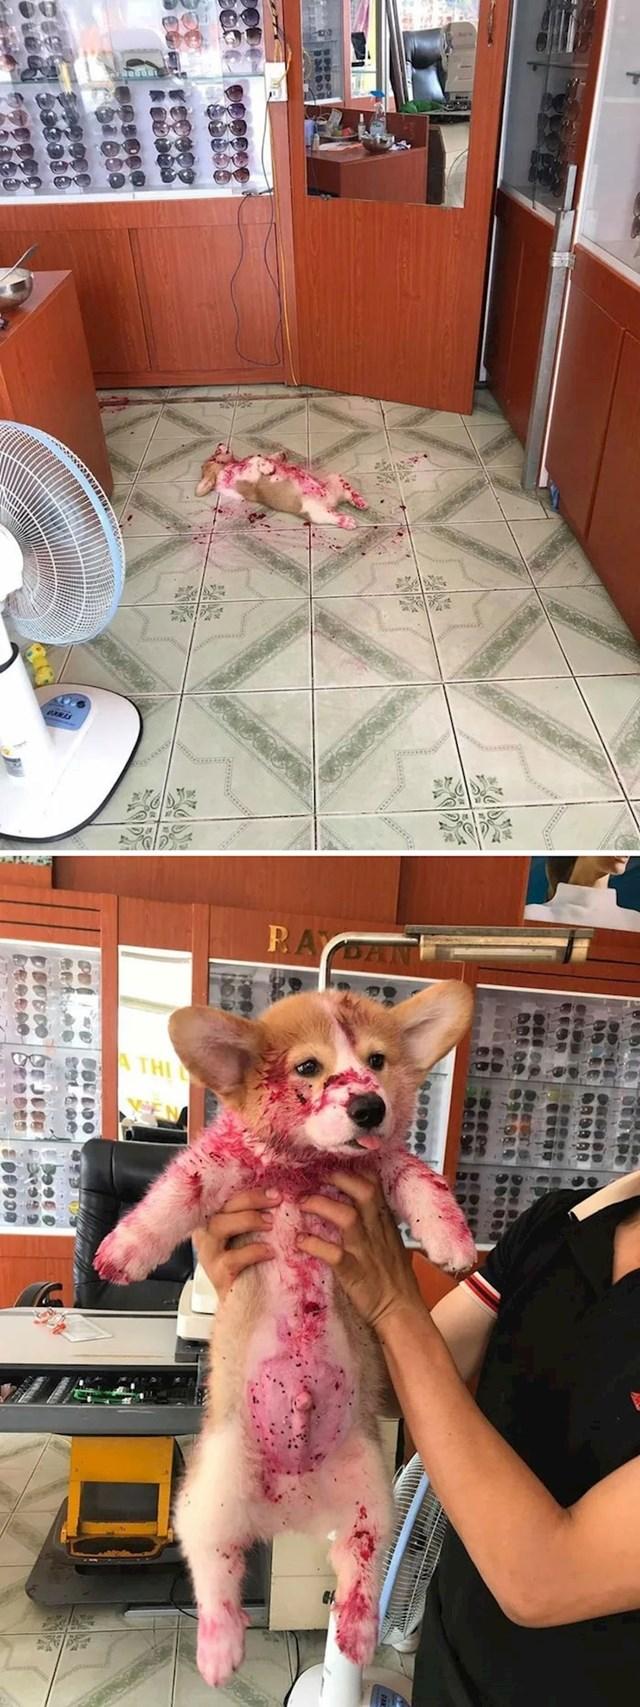 """Vlasnik je bio šokiran kad je vidio ovo, no ubrzo je shvatio da je njegov pas našao marmeladu od jagoda."""""""